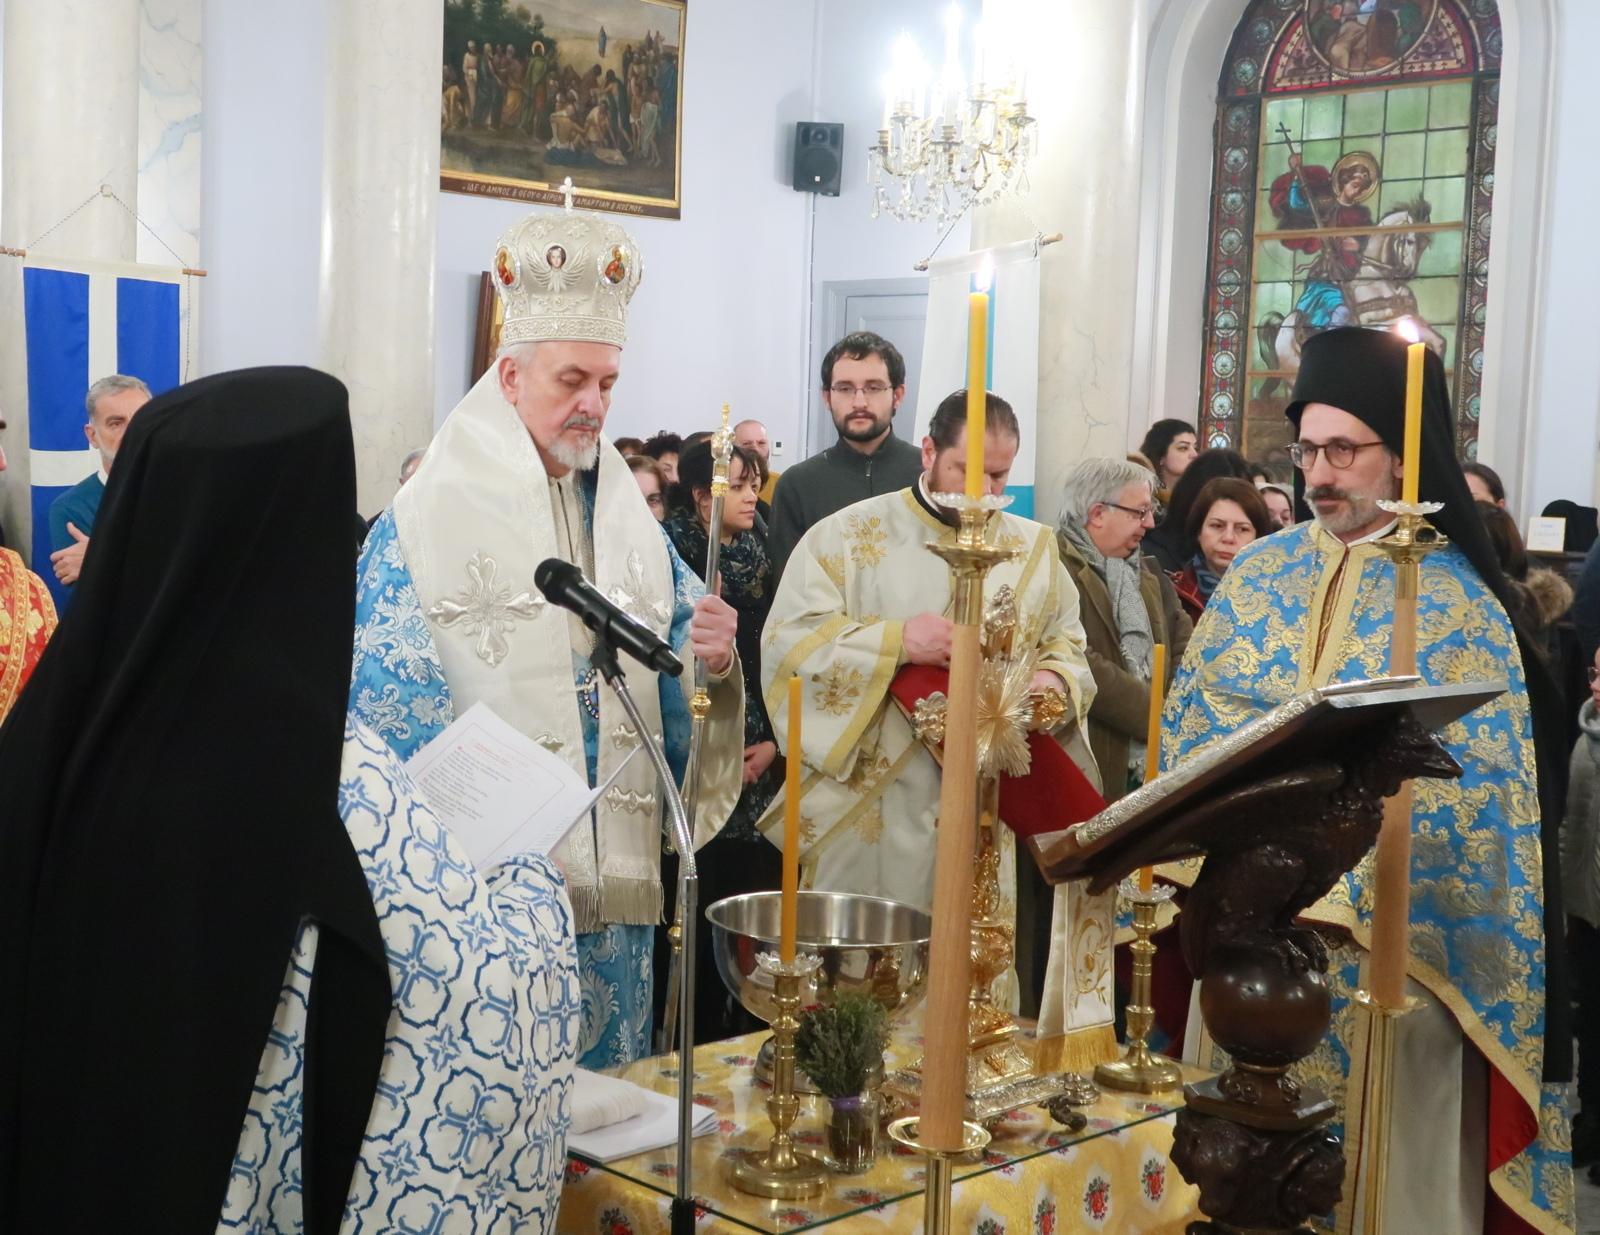 IMG 3652 - Η κατάδυση του Τιμίου Σταυρού στη Μασσαλία (φωτο)